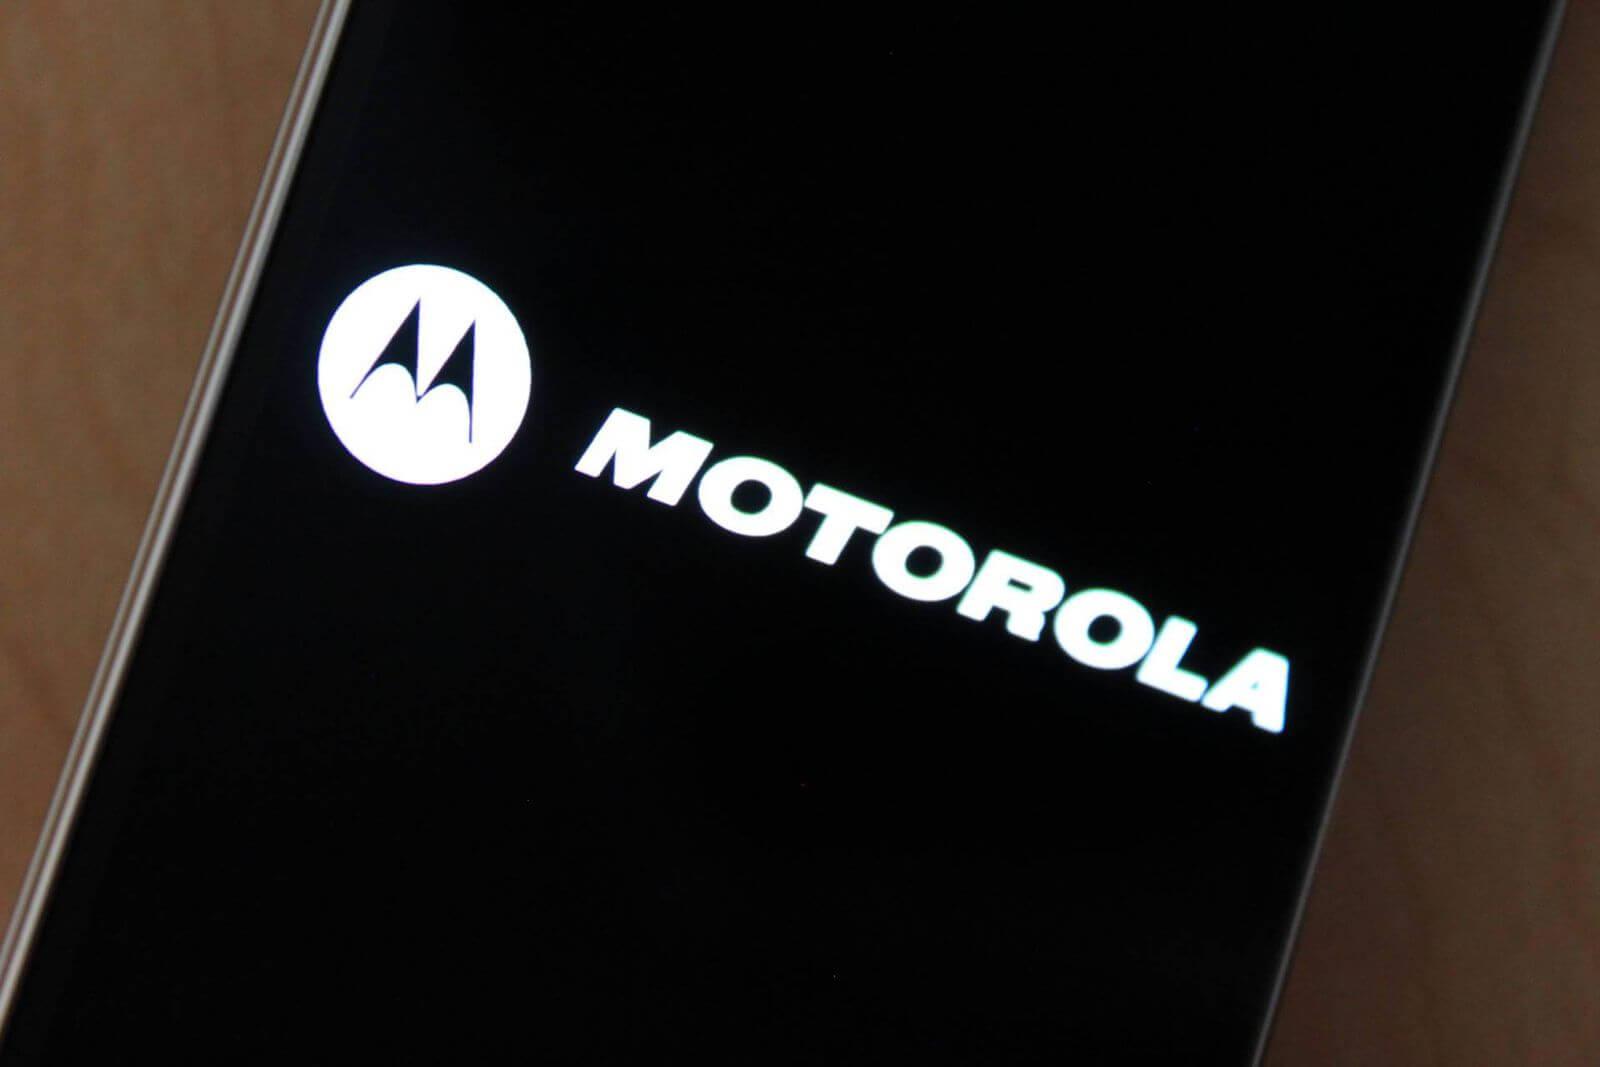 """Novo smartphone da linha """"Moto"""" deve ser lançado em julho 4"""